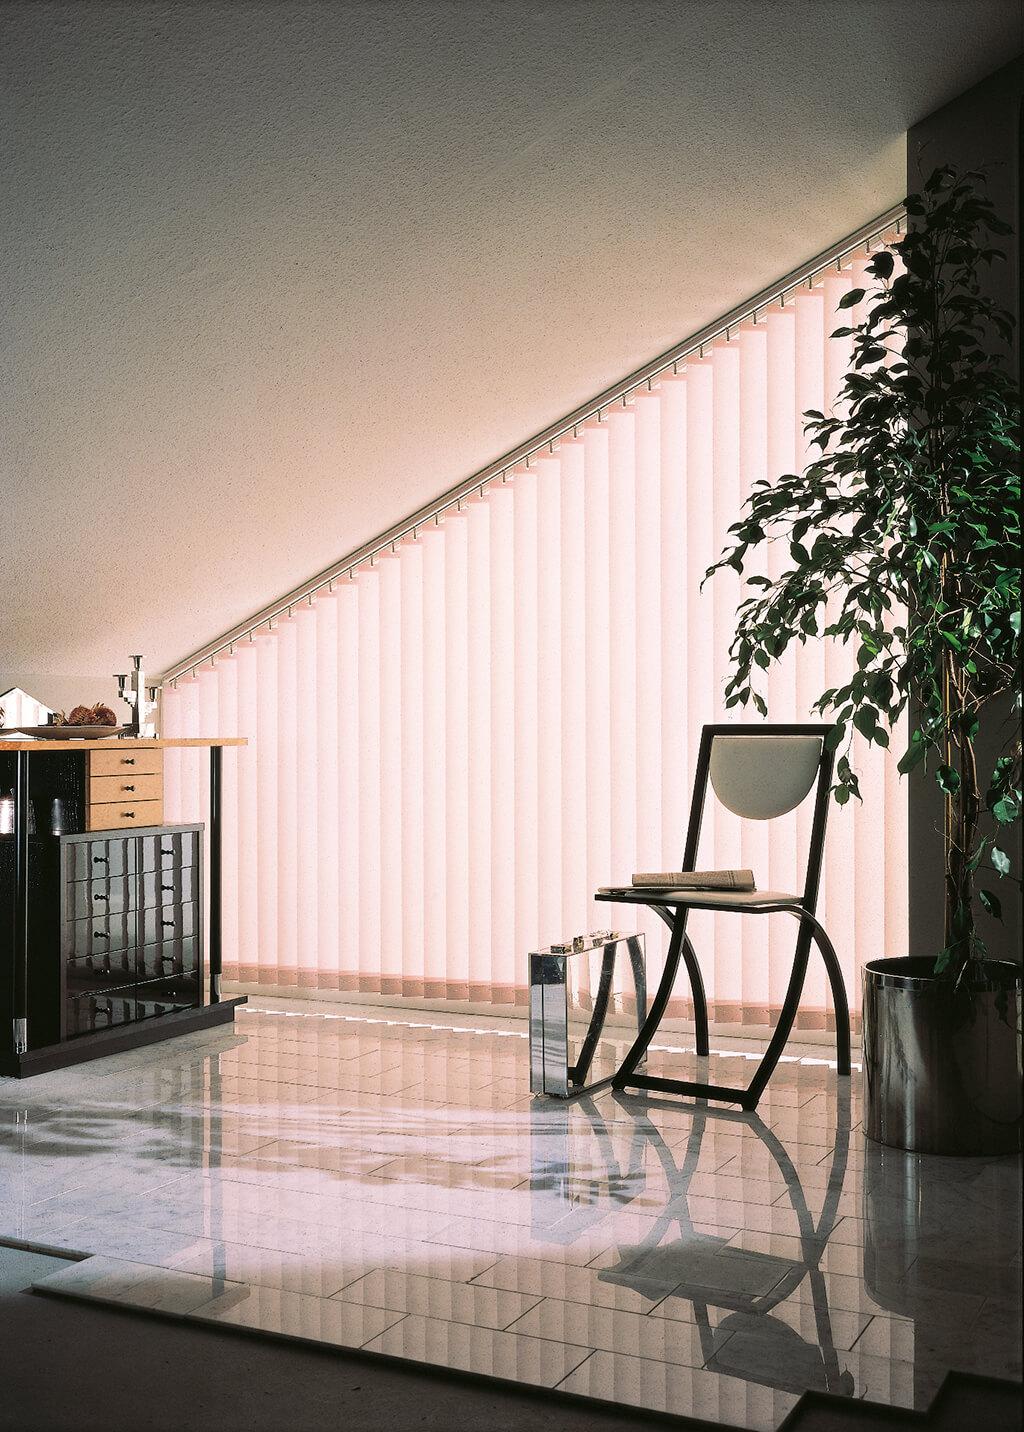 Weißer Lamellenvorhang am Fenster in der Dachschräge